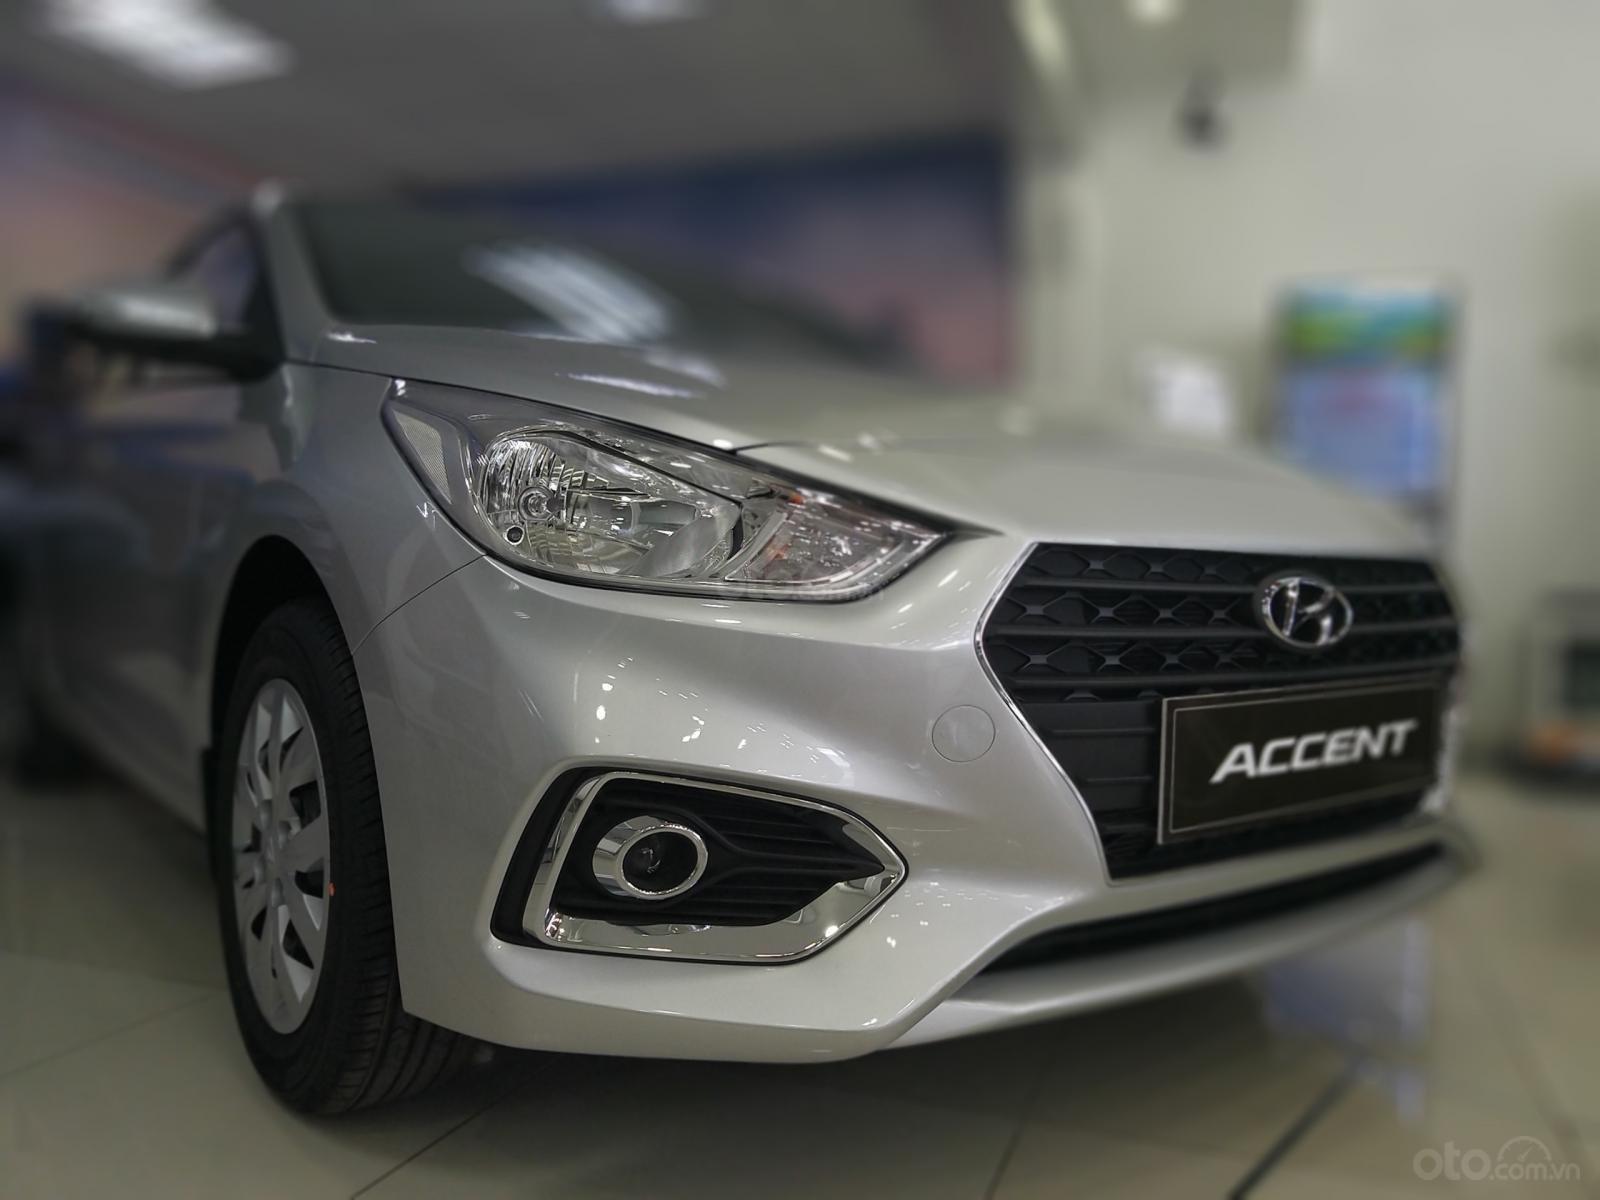 Hyundai Accent 2019, giá tốt bao giấy tờ đăng ký grab, hợp tác xã miễn phí, xe đủ màu giao ngay toàn quốc (5)